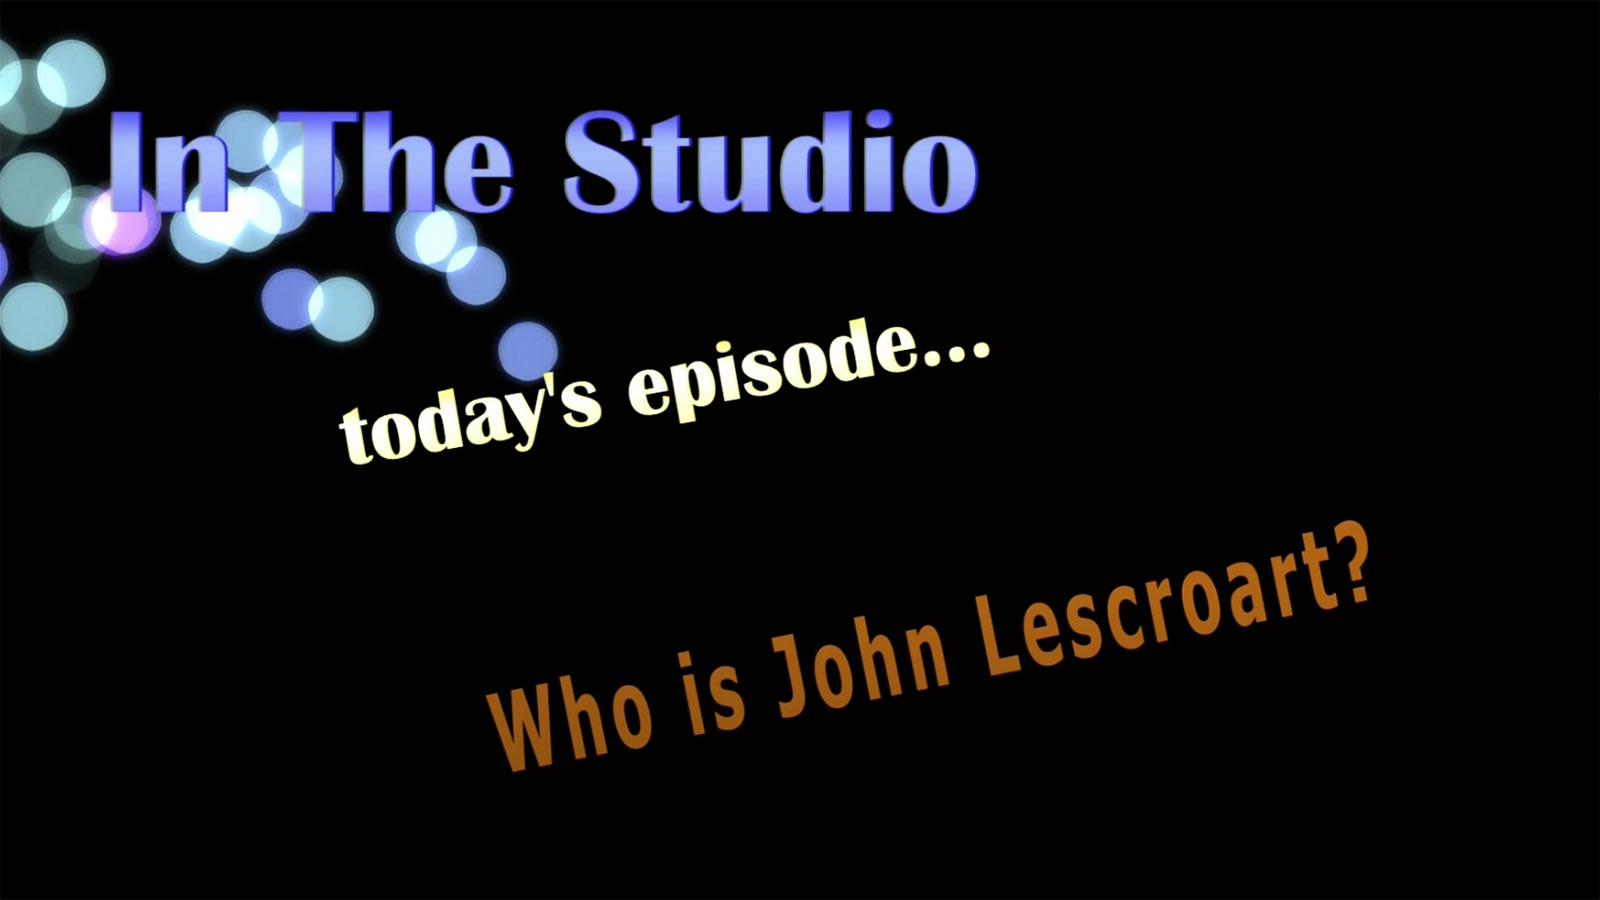 In the Studio: Who is John Lescroart?